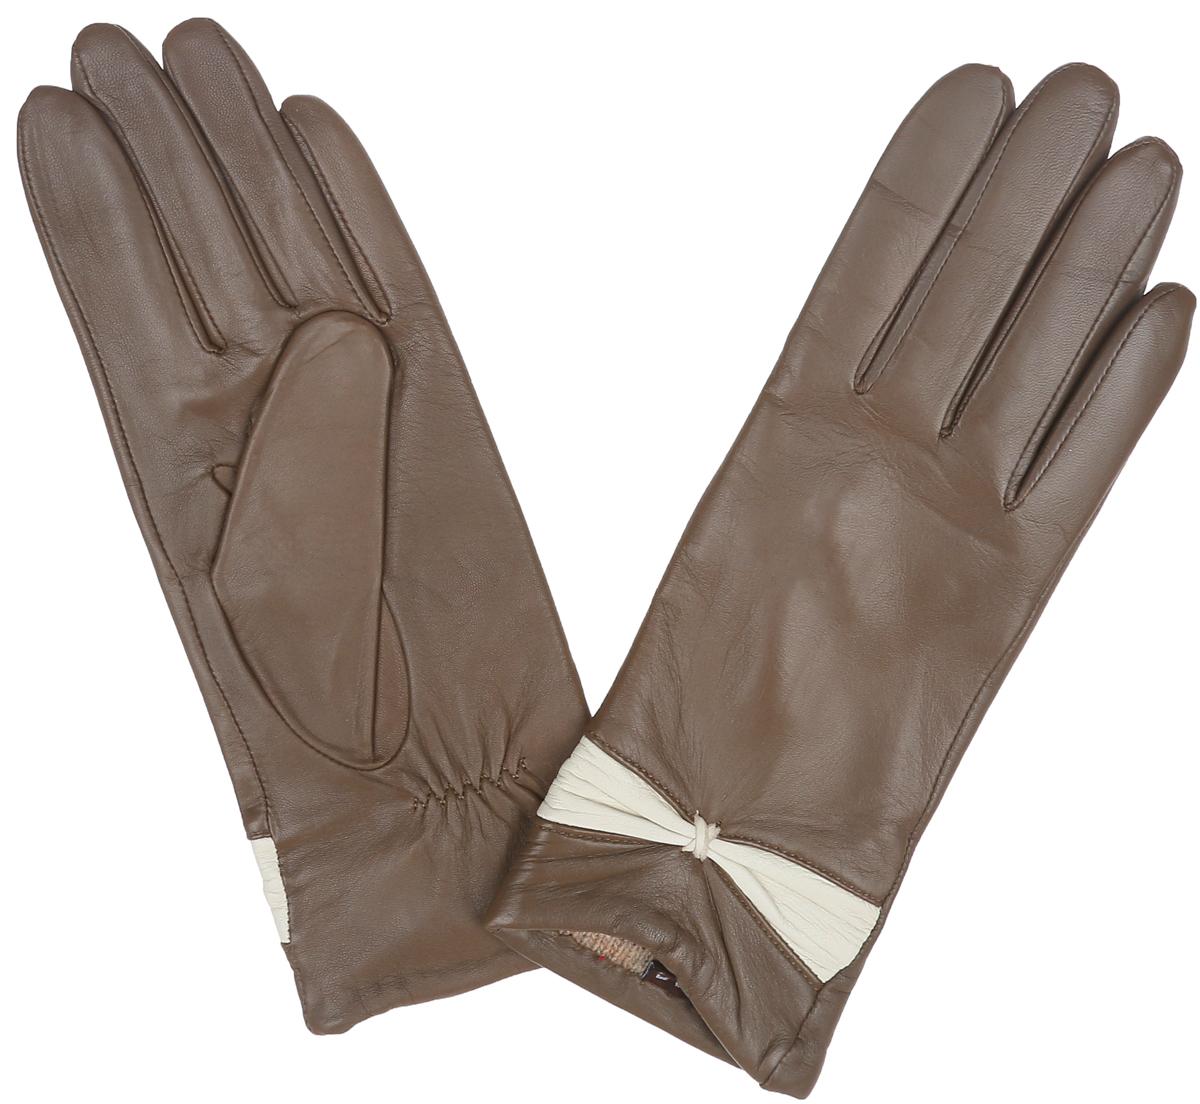 Перчатки женские Labbra, цвет: серо-коричневый, бежевый. LB-3015. Размер 7LB-3015Классические женские перчатки Labbra не только защитят ваши руки, но и станутвеликолепным украшением. Перчатки выполнены из чрезвычайно мягкой иприятной на ощупь натуральной кожи ягненка, а их подкладка - из натуральнойшерсти с добавлением акрила. Внешняя сторона перчатки декорирована кожаной вставкой в виде элегантного бантика. Внутренняя сторона дополнена аккуратной сборкой.В настоящее время перчатки являютсянеотъемлемой принадлежностью одежды, вместе с этим аксессуаром выобретаете женственность и элегантность. Перчатки станут завершающим иподчеркивающим элементом вашего стиля и неповторимости.